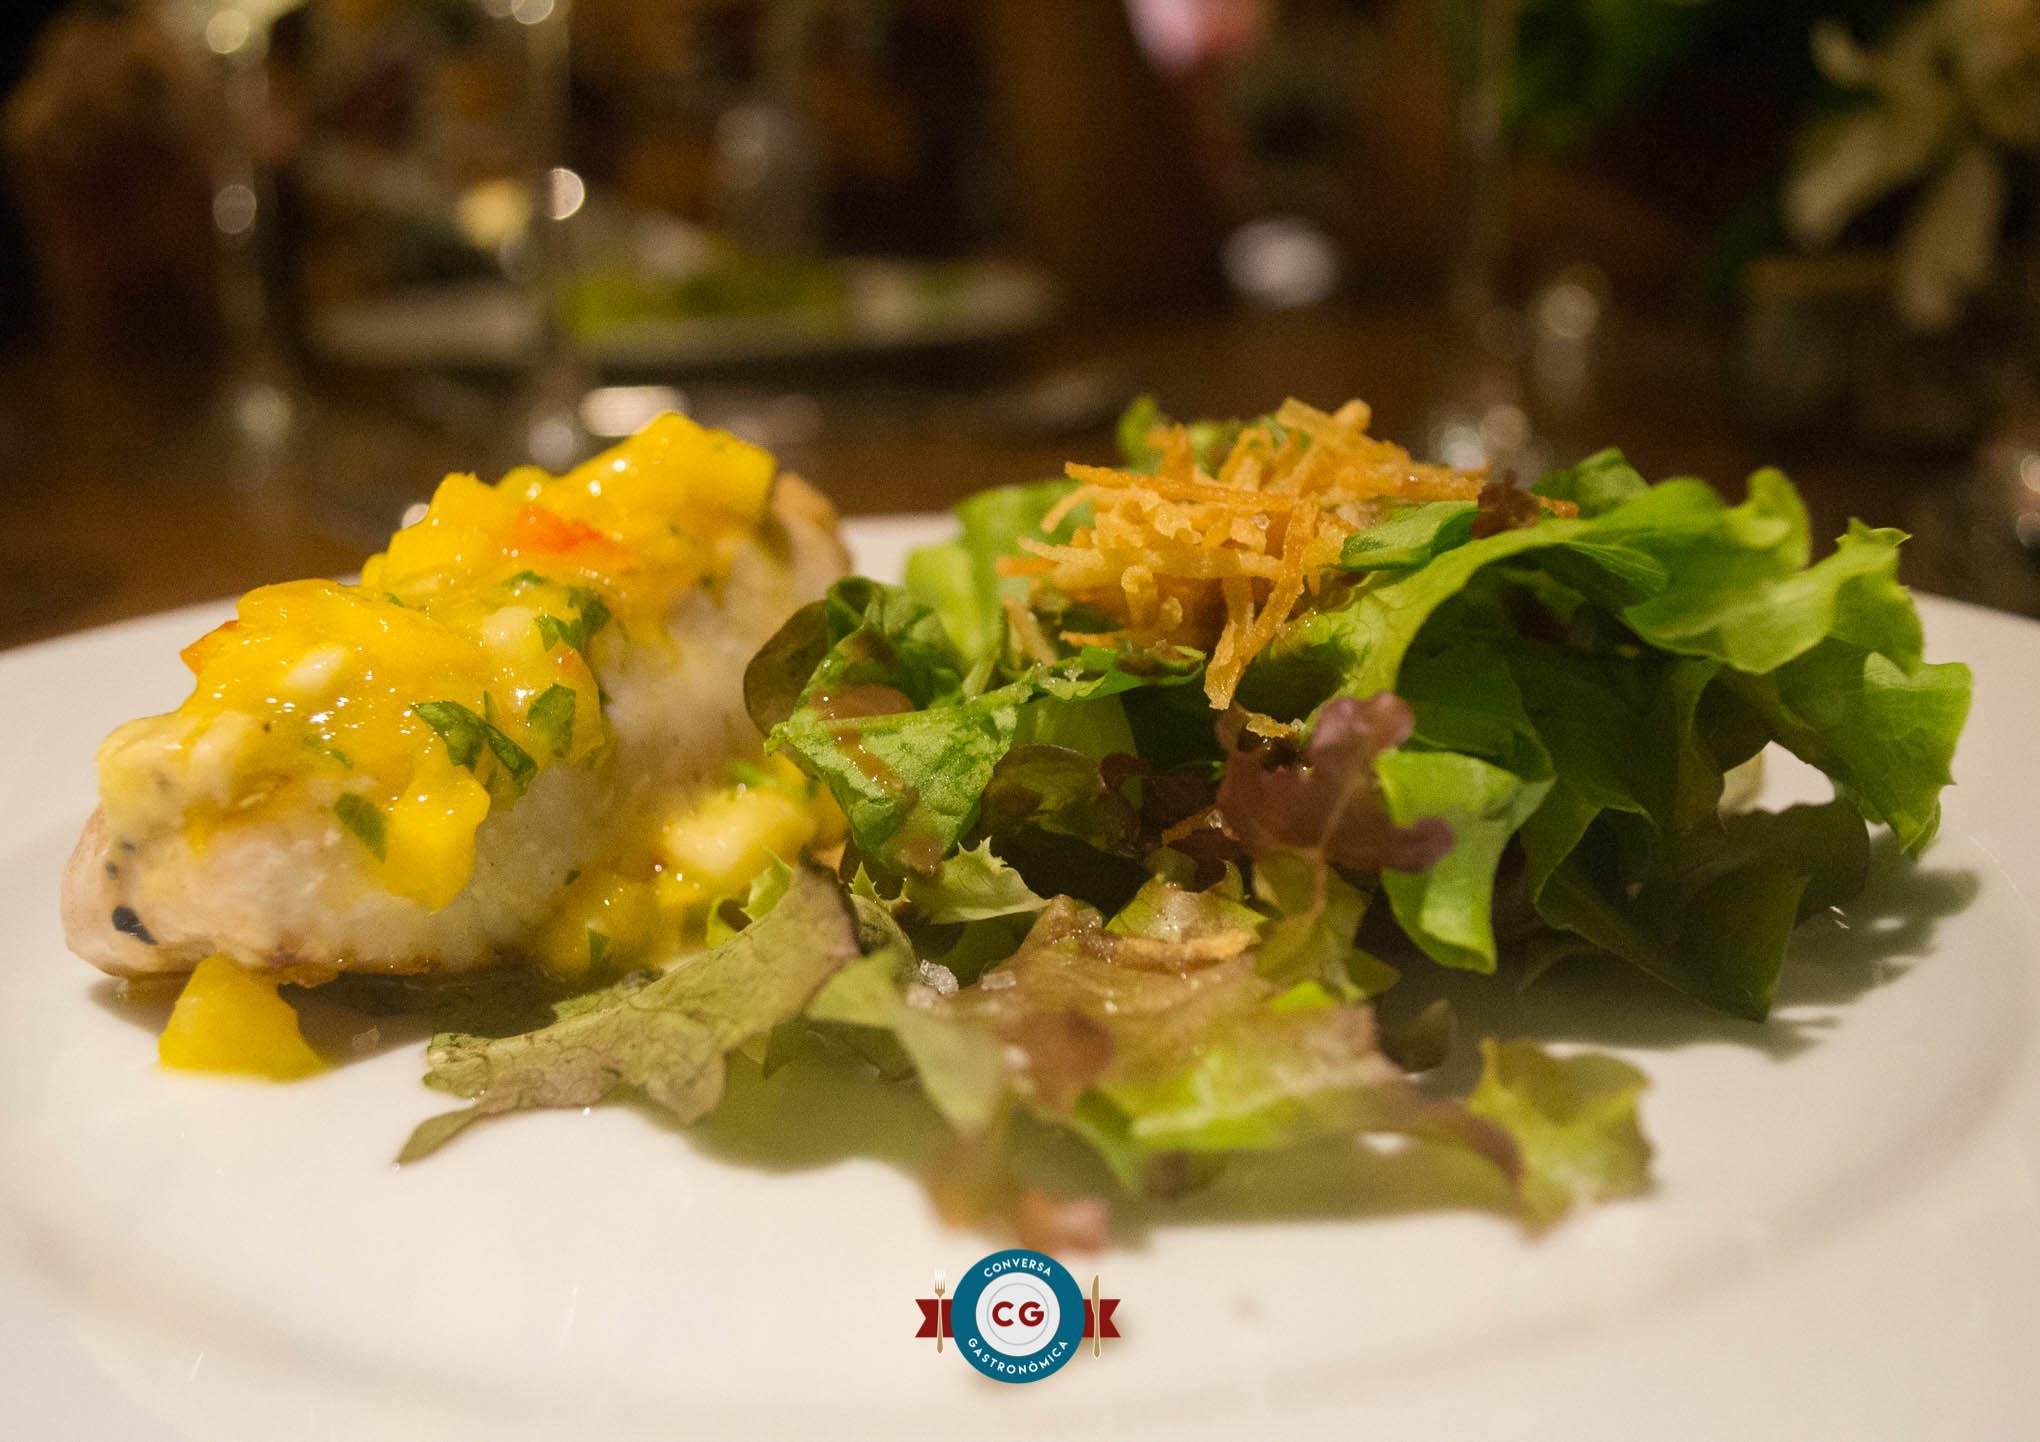 Circuito gourmet tem menus a R$49,90 e R$59,90